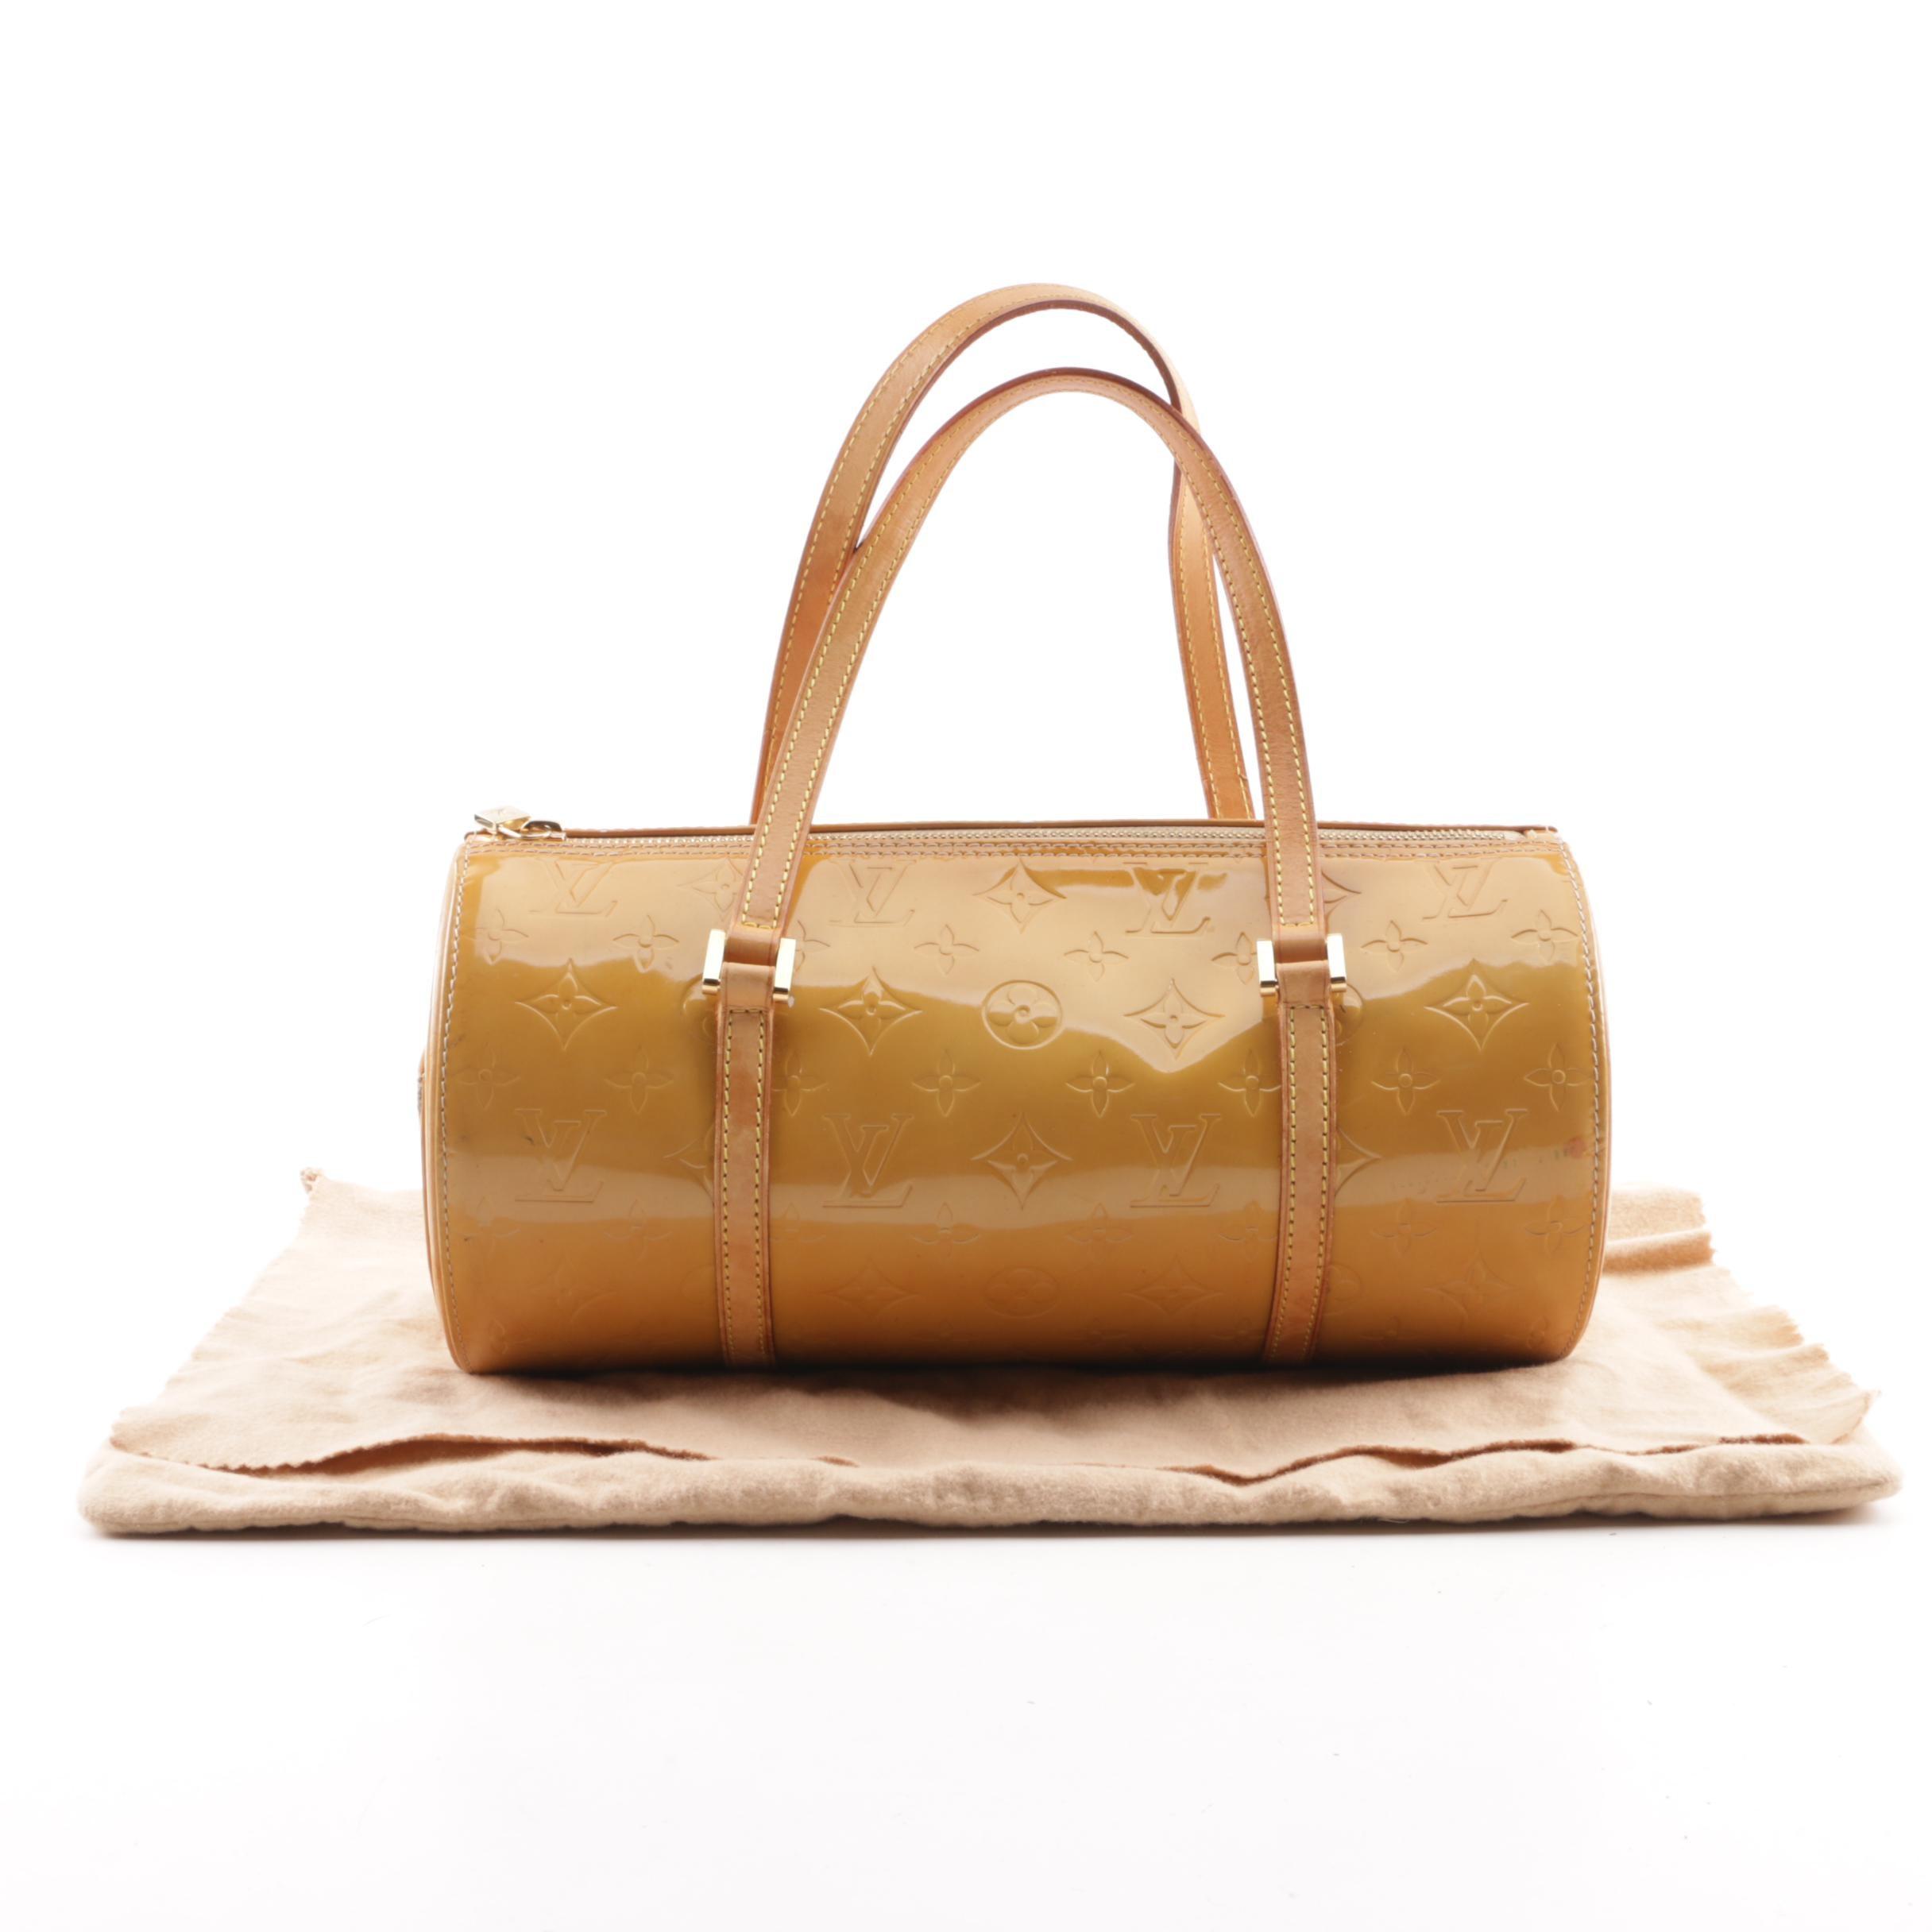 1999 Louis Vuitton Paris Mango Vernis Leather Bedford Barrel Bag